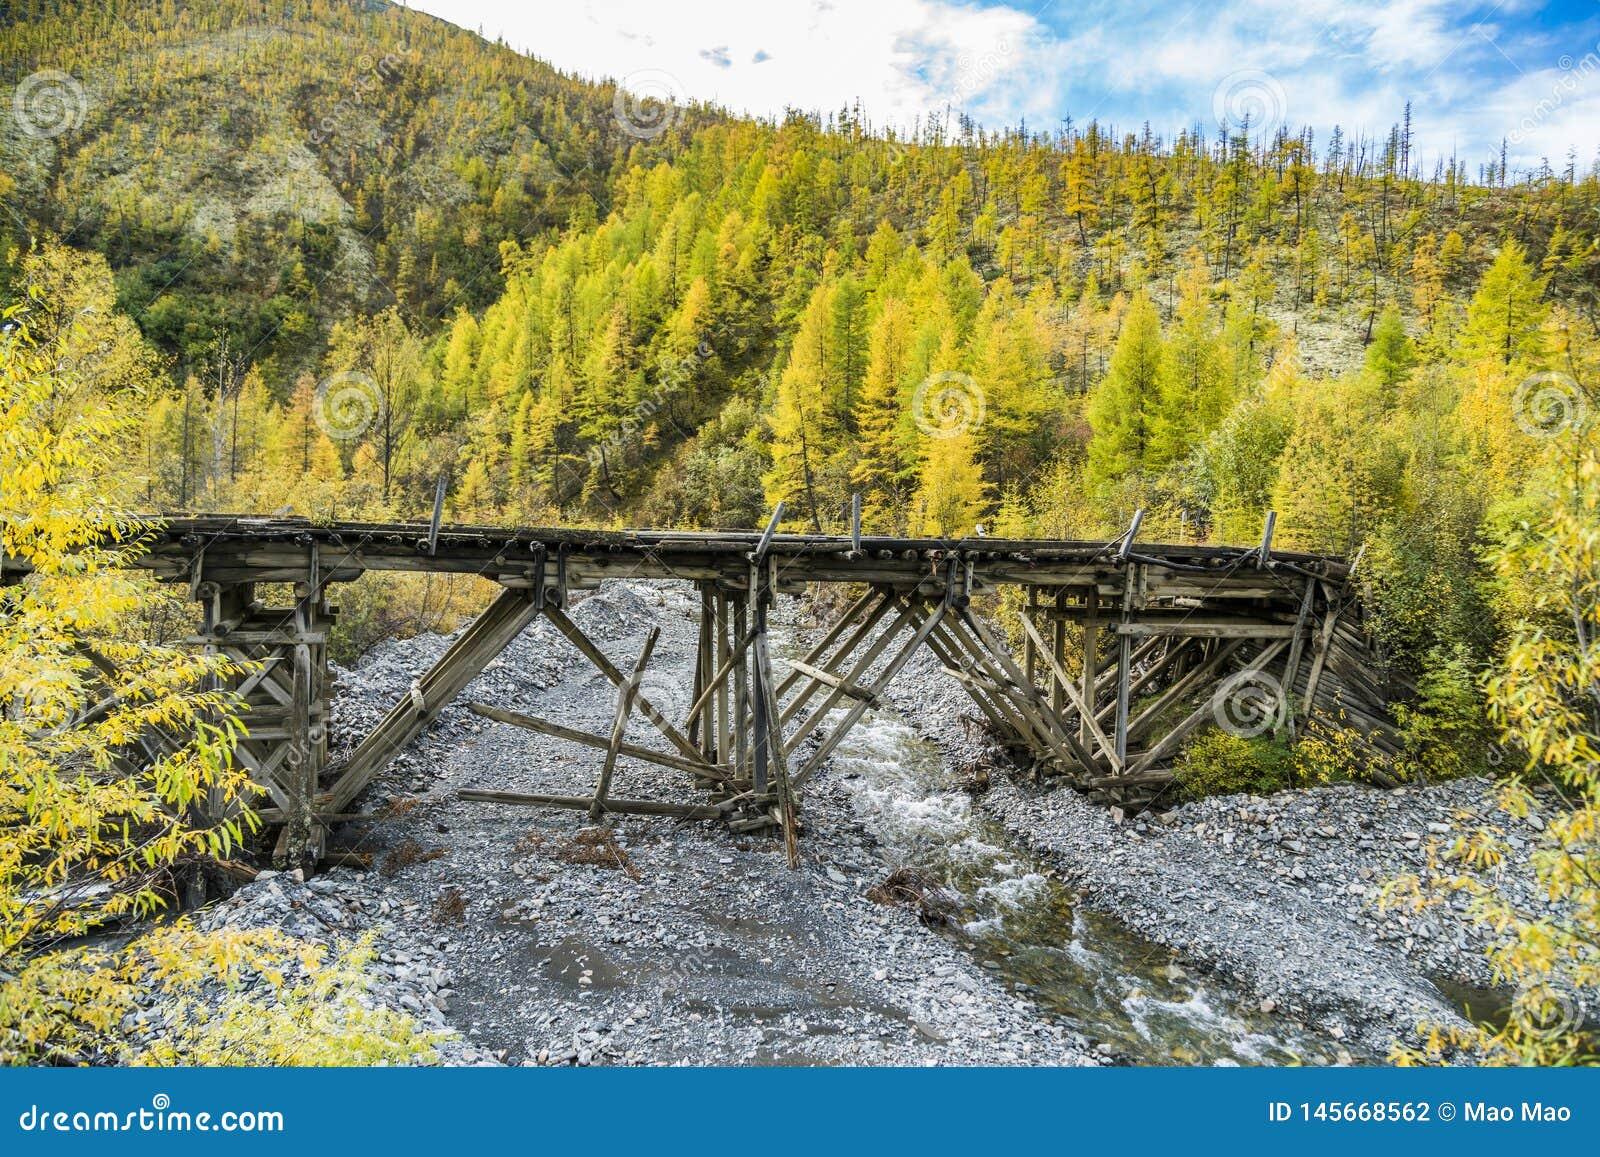 Rusia Naturaleza del Extremo Oriente: Puente de madera en el camino forestal